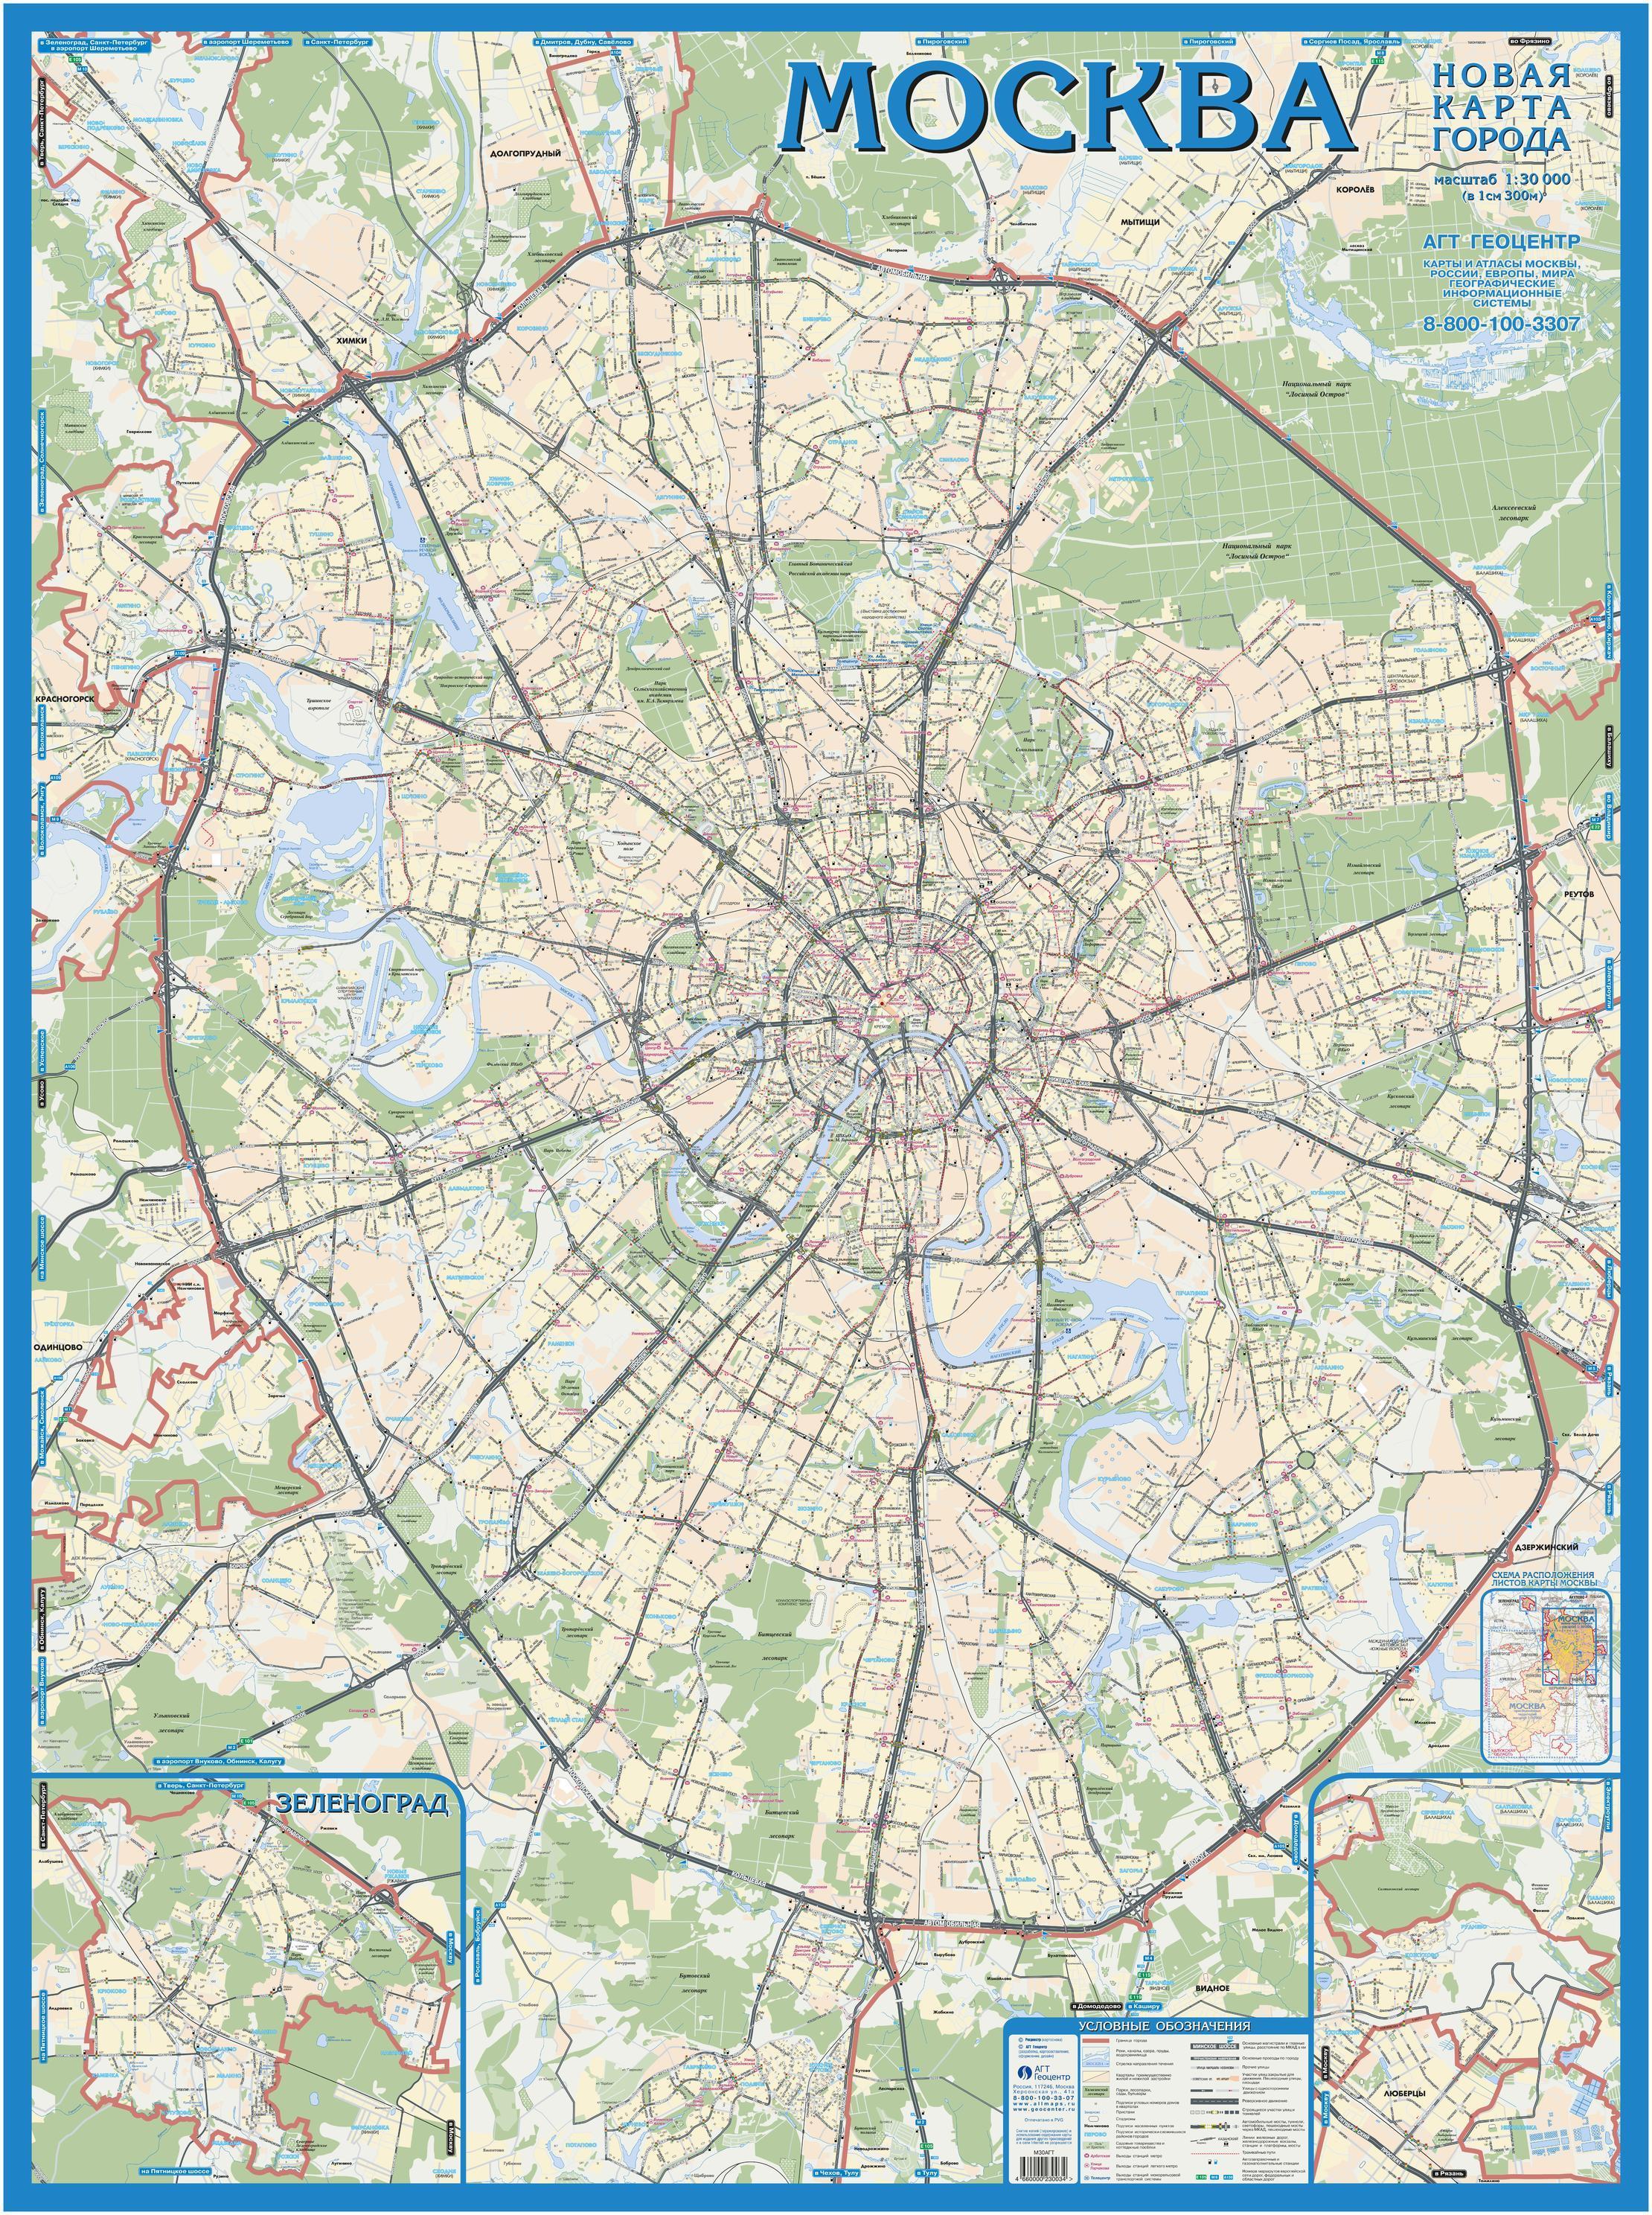 Moskau Topographische Karte Moskva Topographische Karte Russland